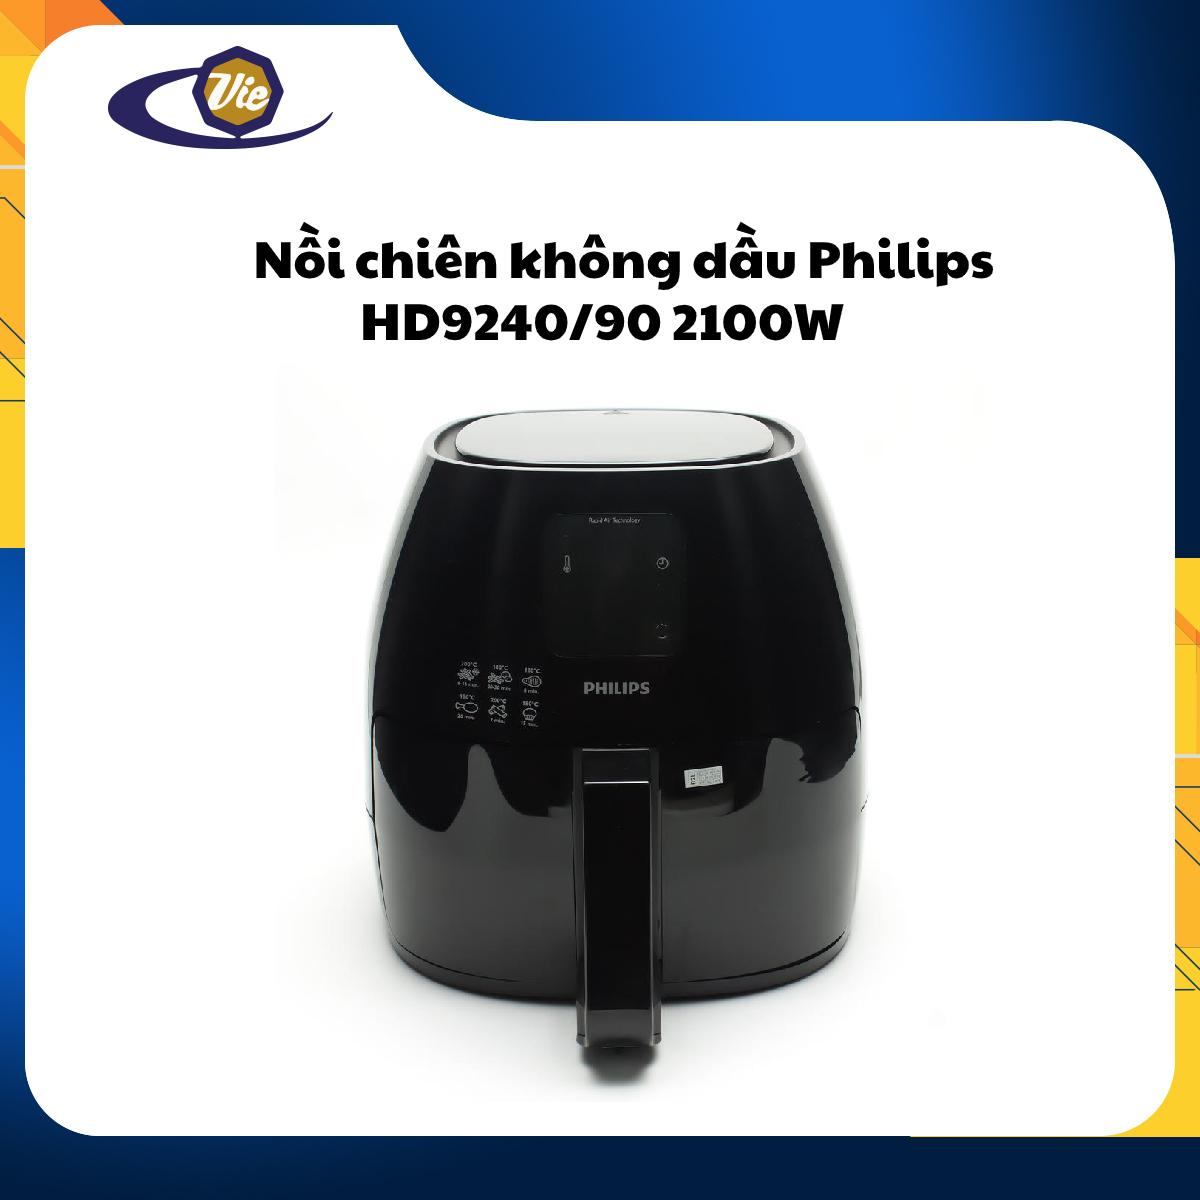 Nồi chiên không dầu Philips HD9240/90 2100W (Đen)